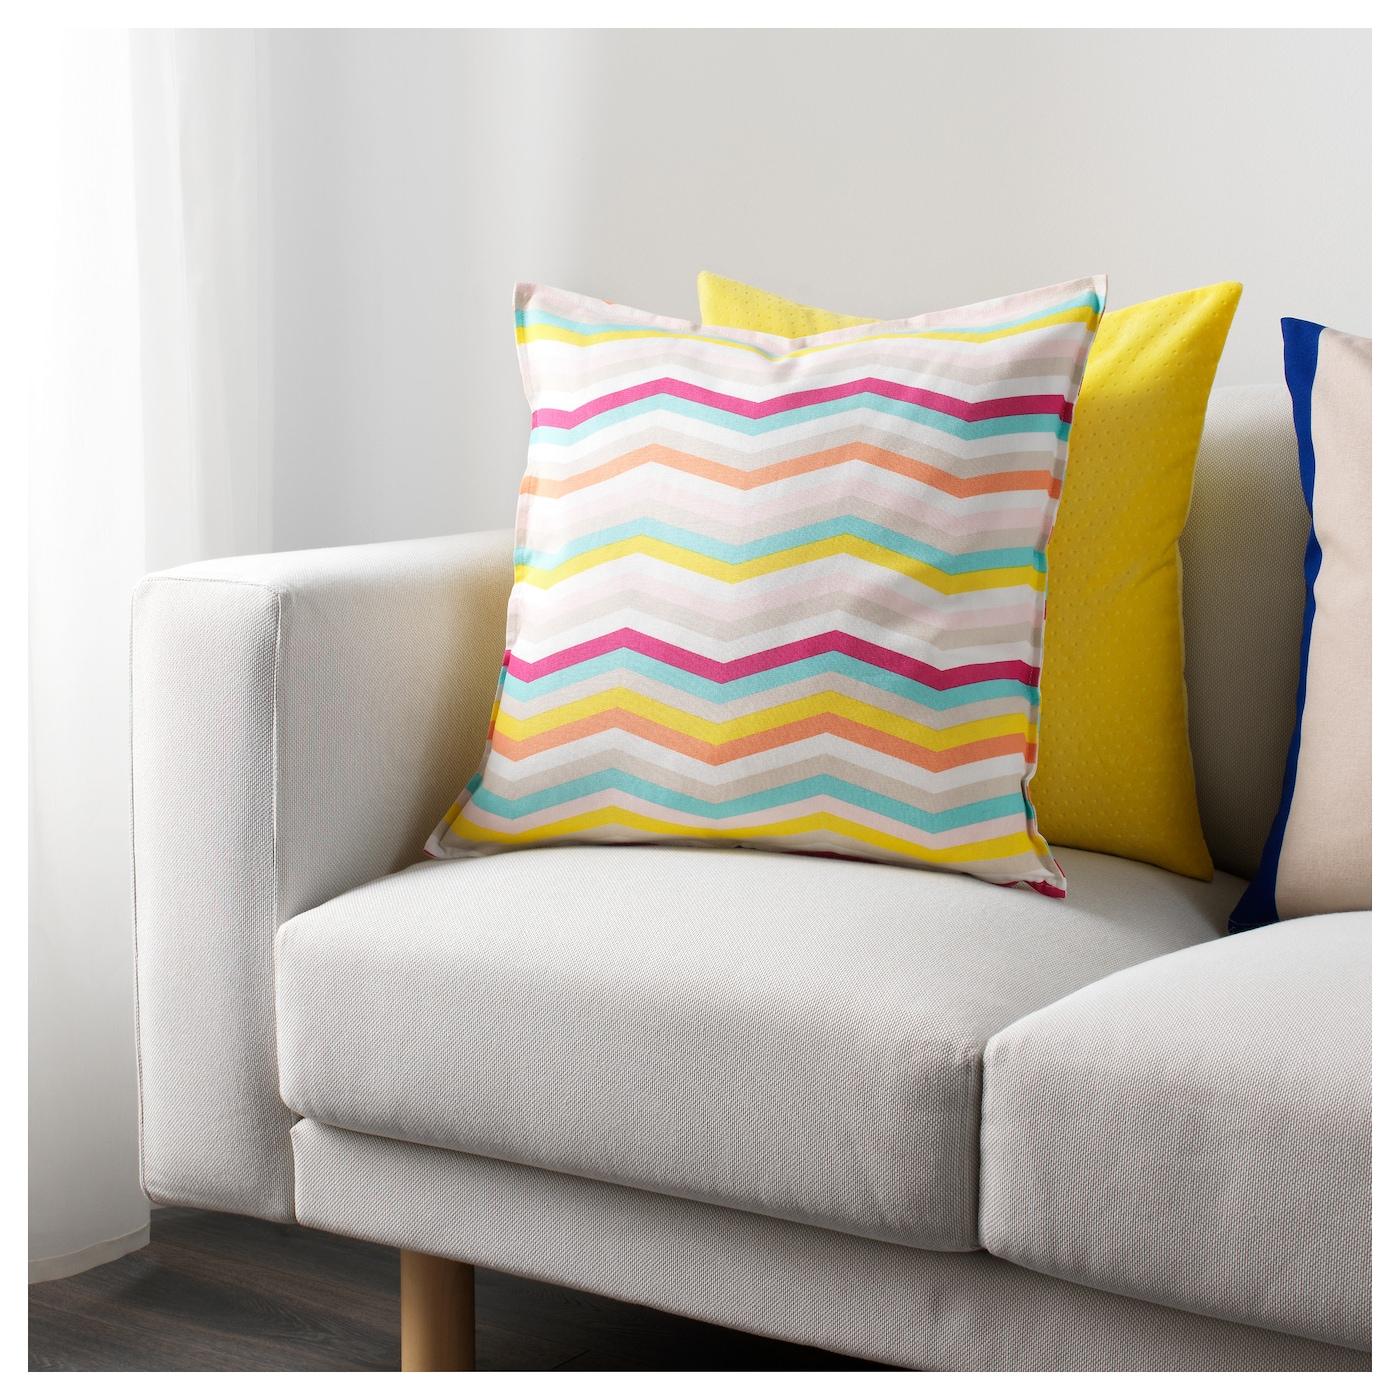 Sommar 2018 housse de coussin motif en zigzag multicolore for Housse de coussin 50x50